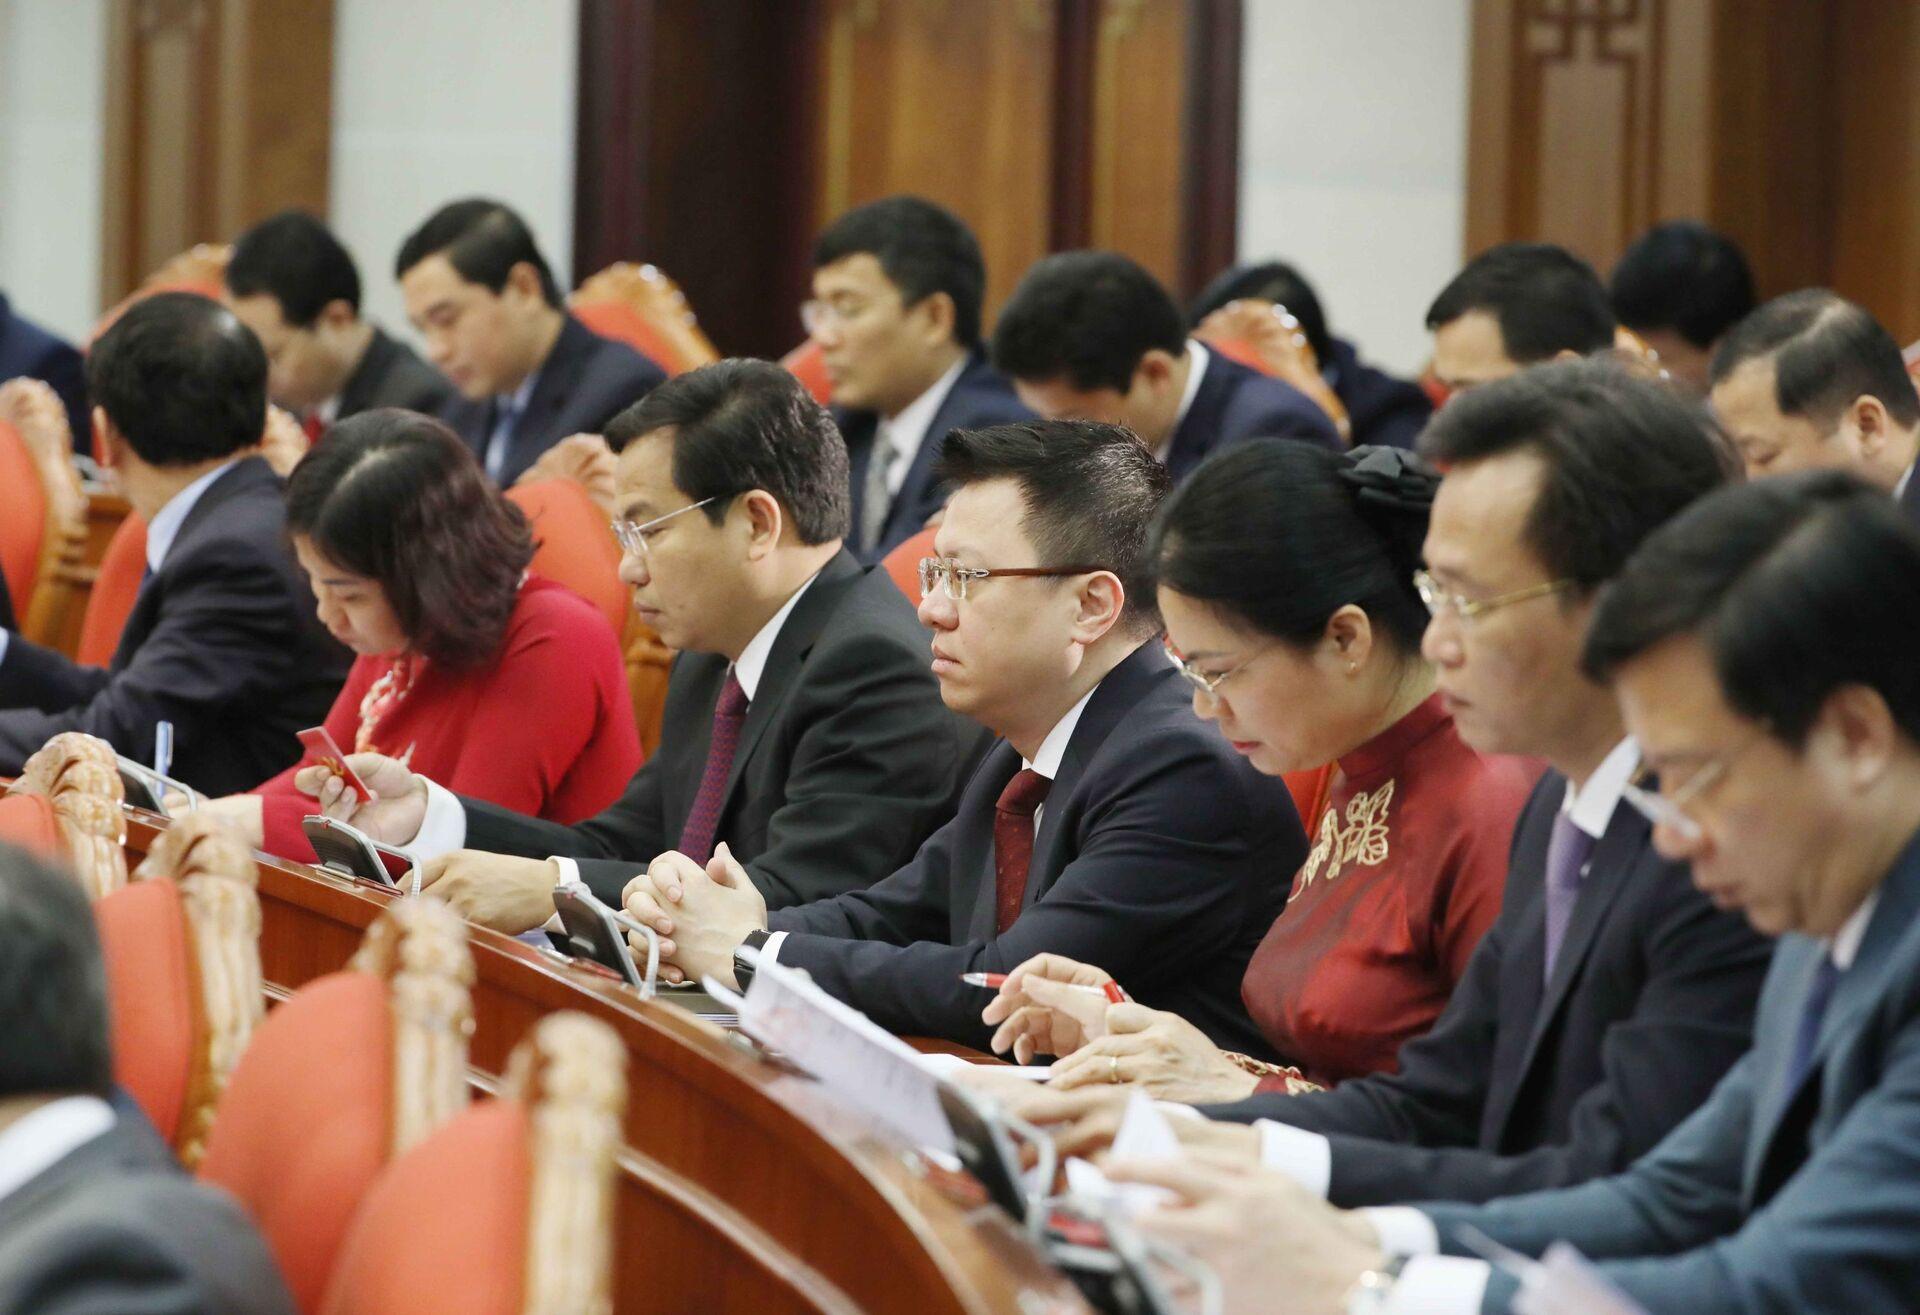 Hội nghị Trung ương 2: Giới thiệu nhân sự ứng cử Chủ tịch nước, Thủ tướng, Chủ tịch Quốc hội - Sputnik Việt Nam, 1920, 08.03.2021